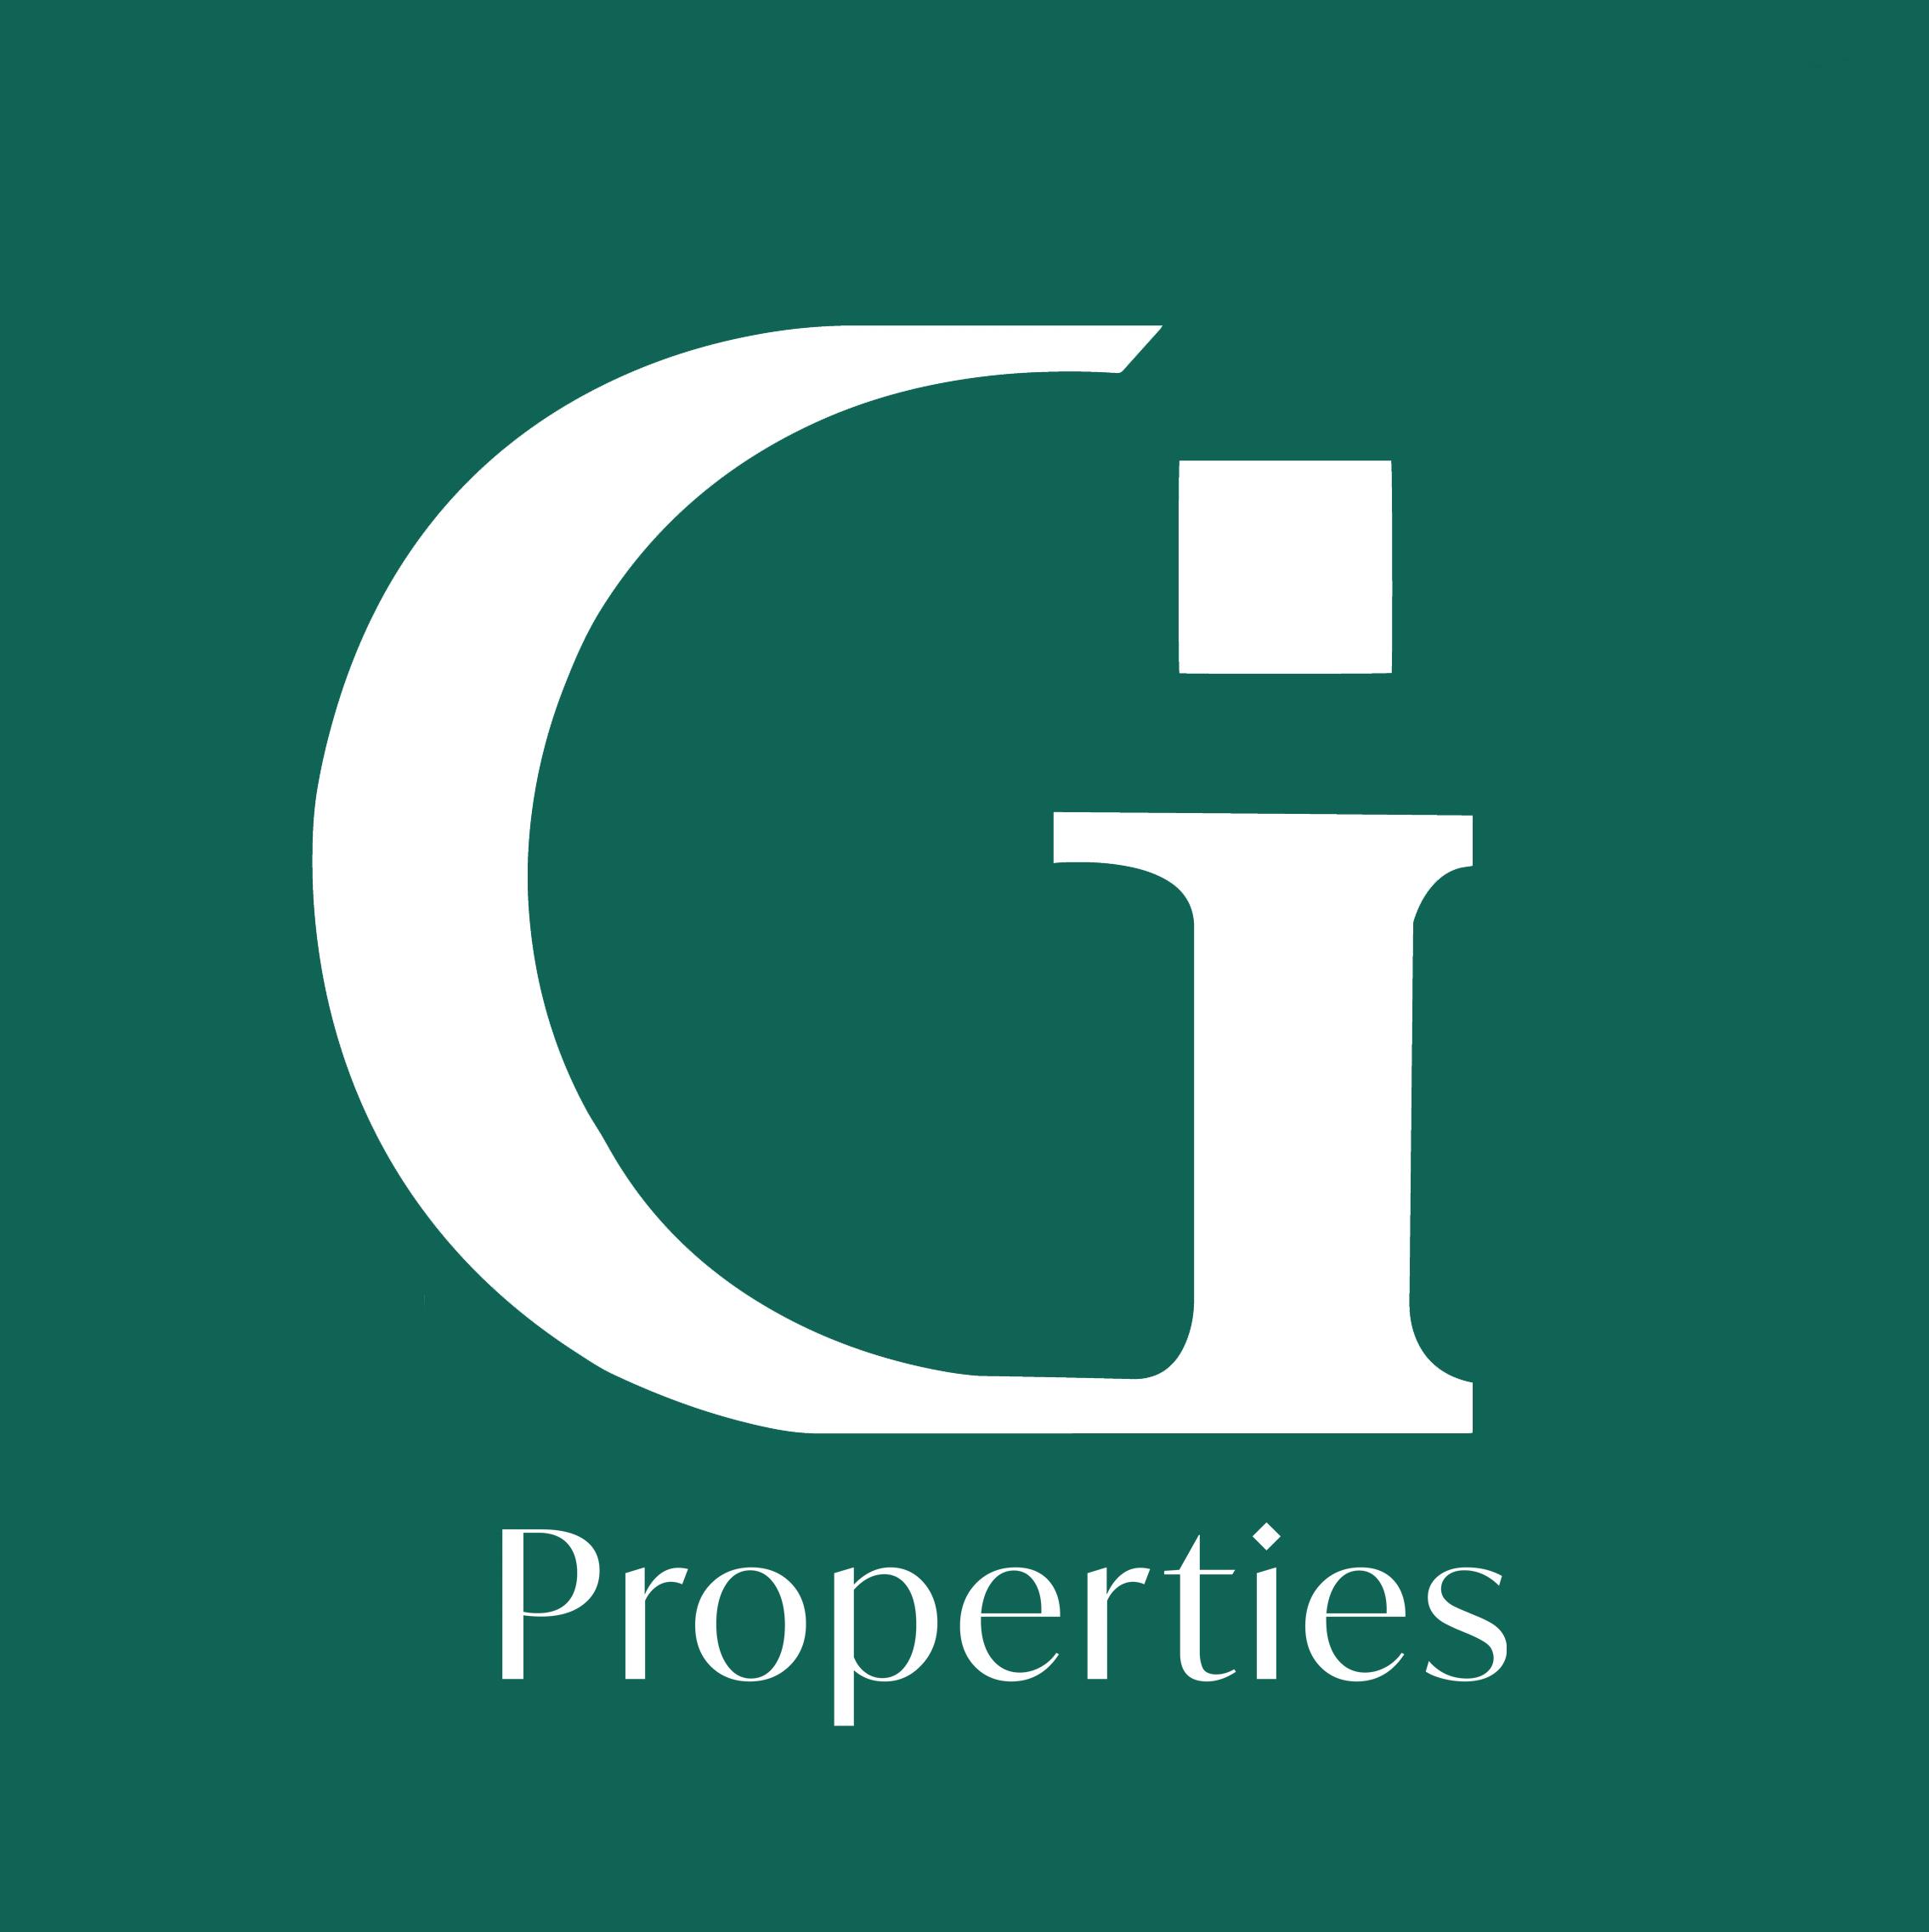 جرين أيلاند للوساطة العقارية